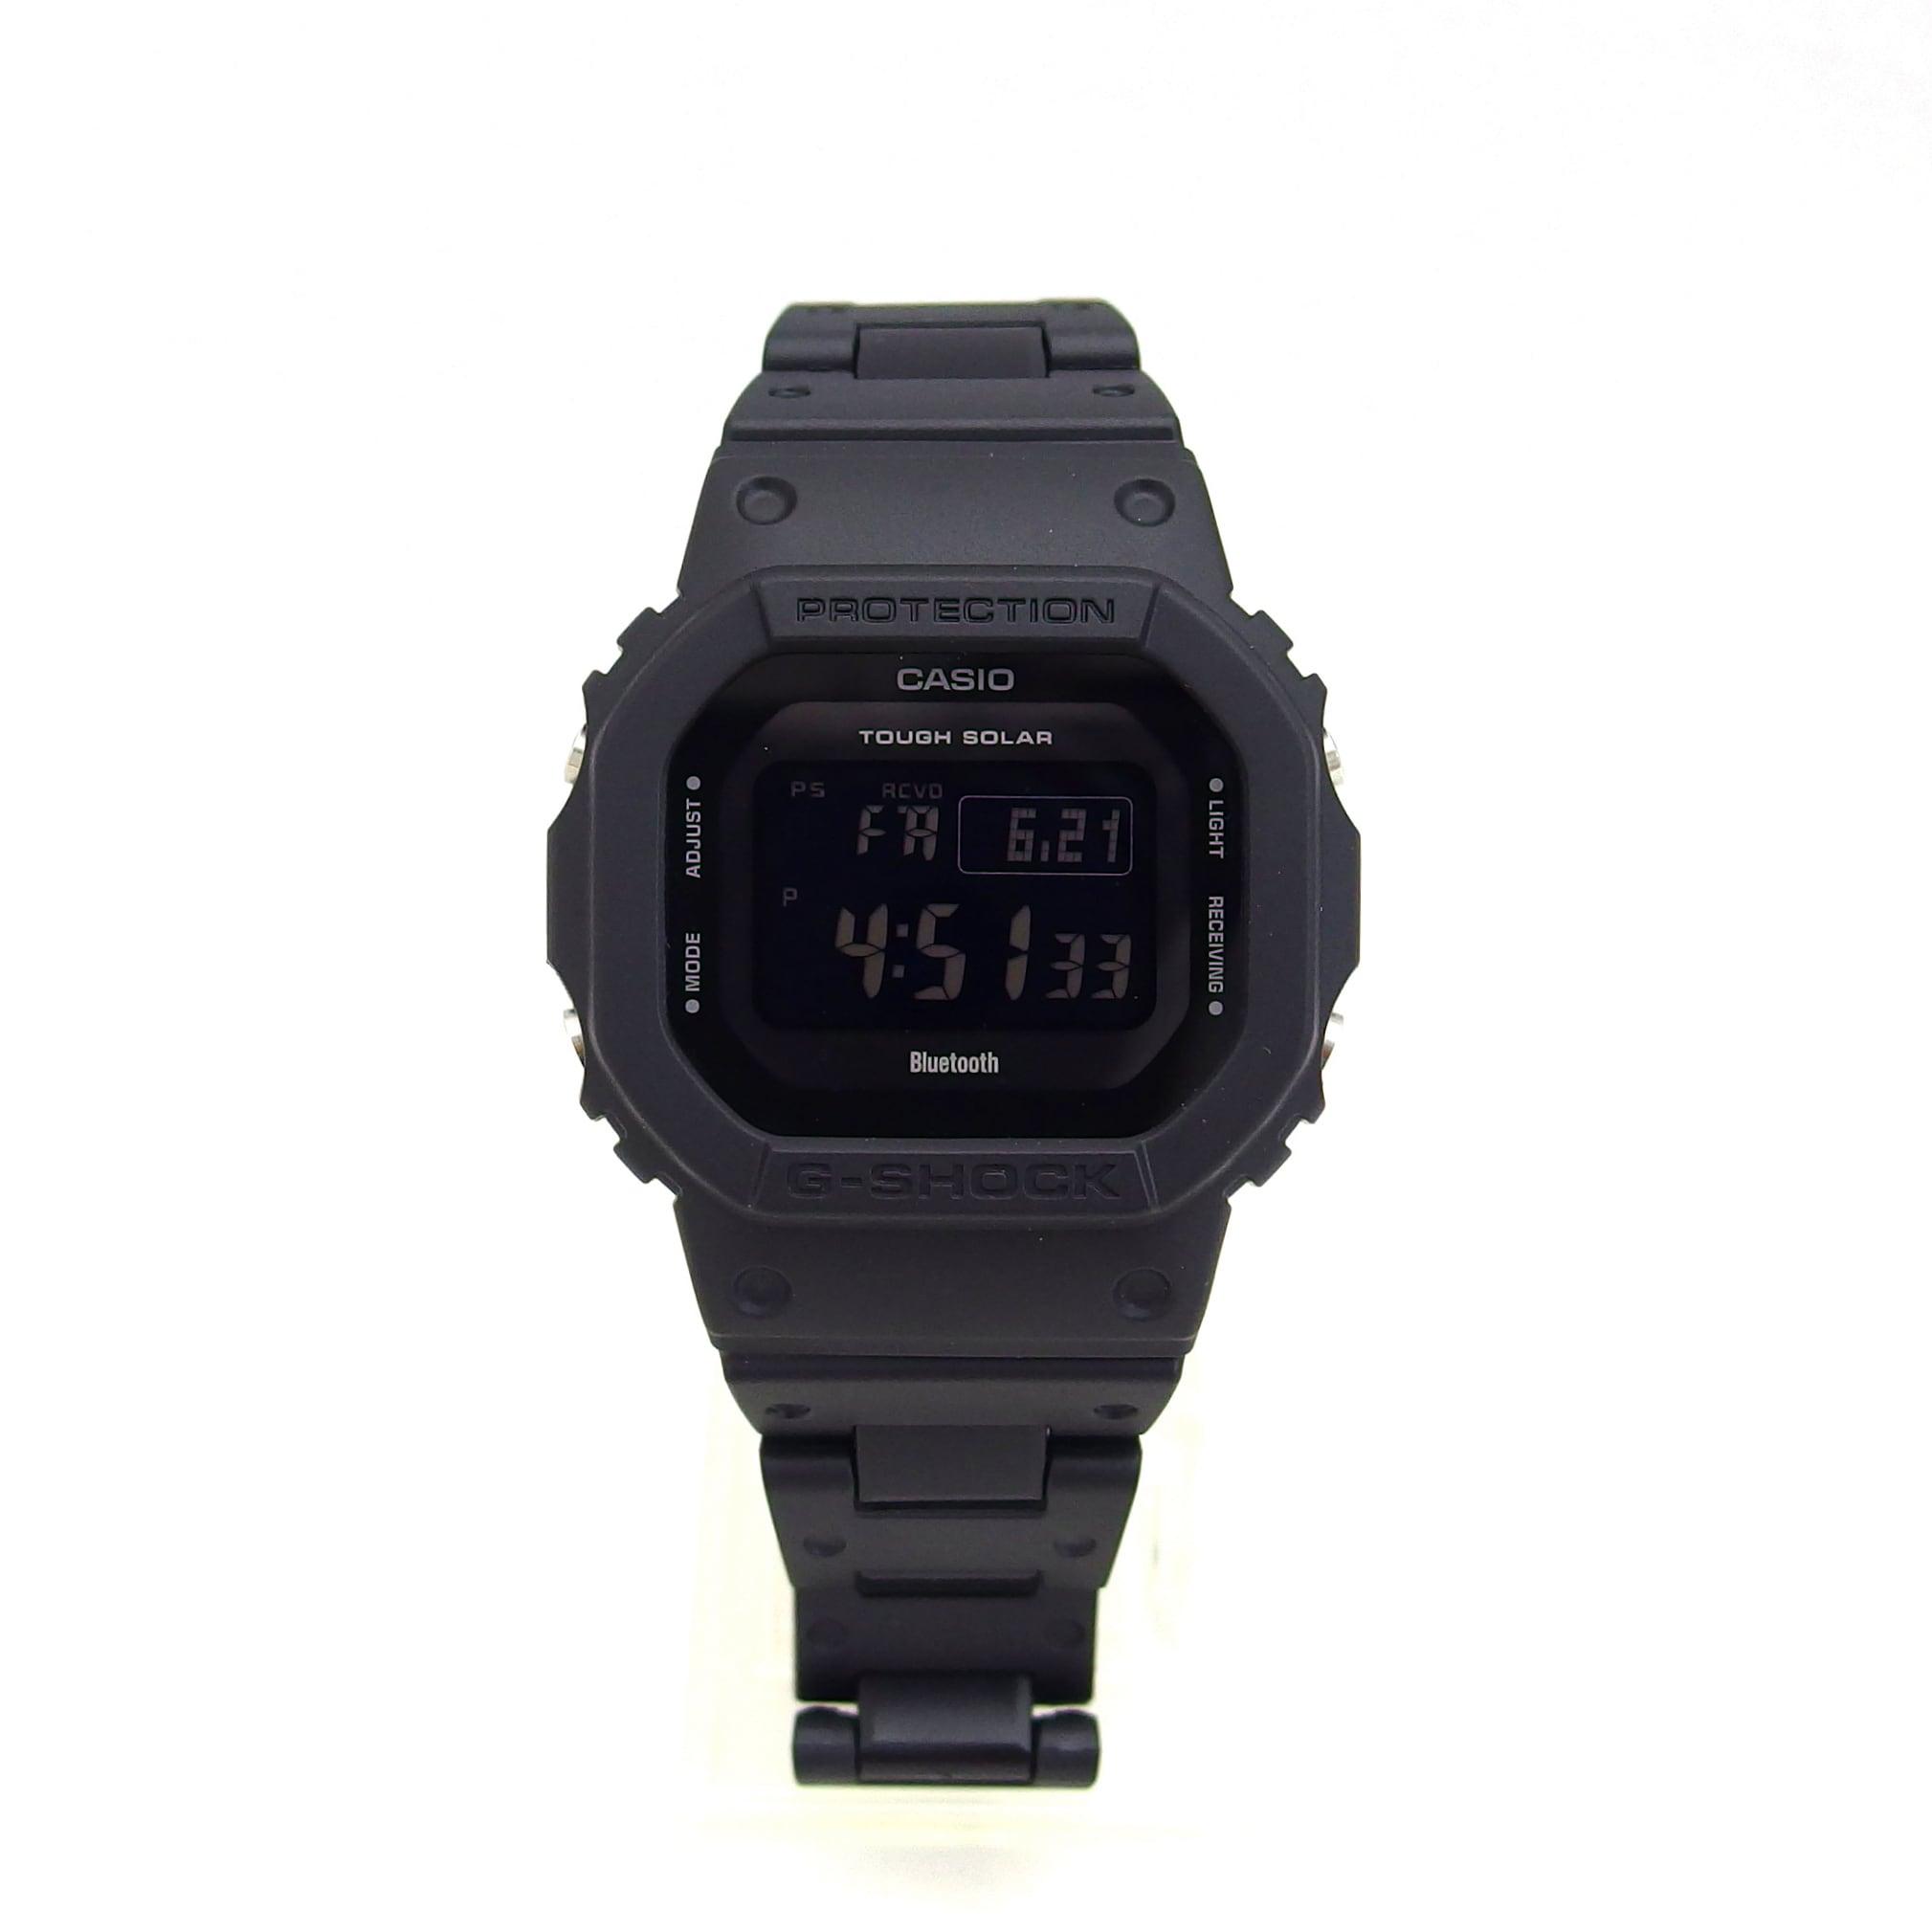 【G-SHOCK】GW-5600シリーズ(ブラック) 電波ソーラー/Bluetooth通信